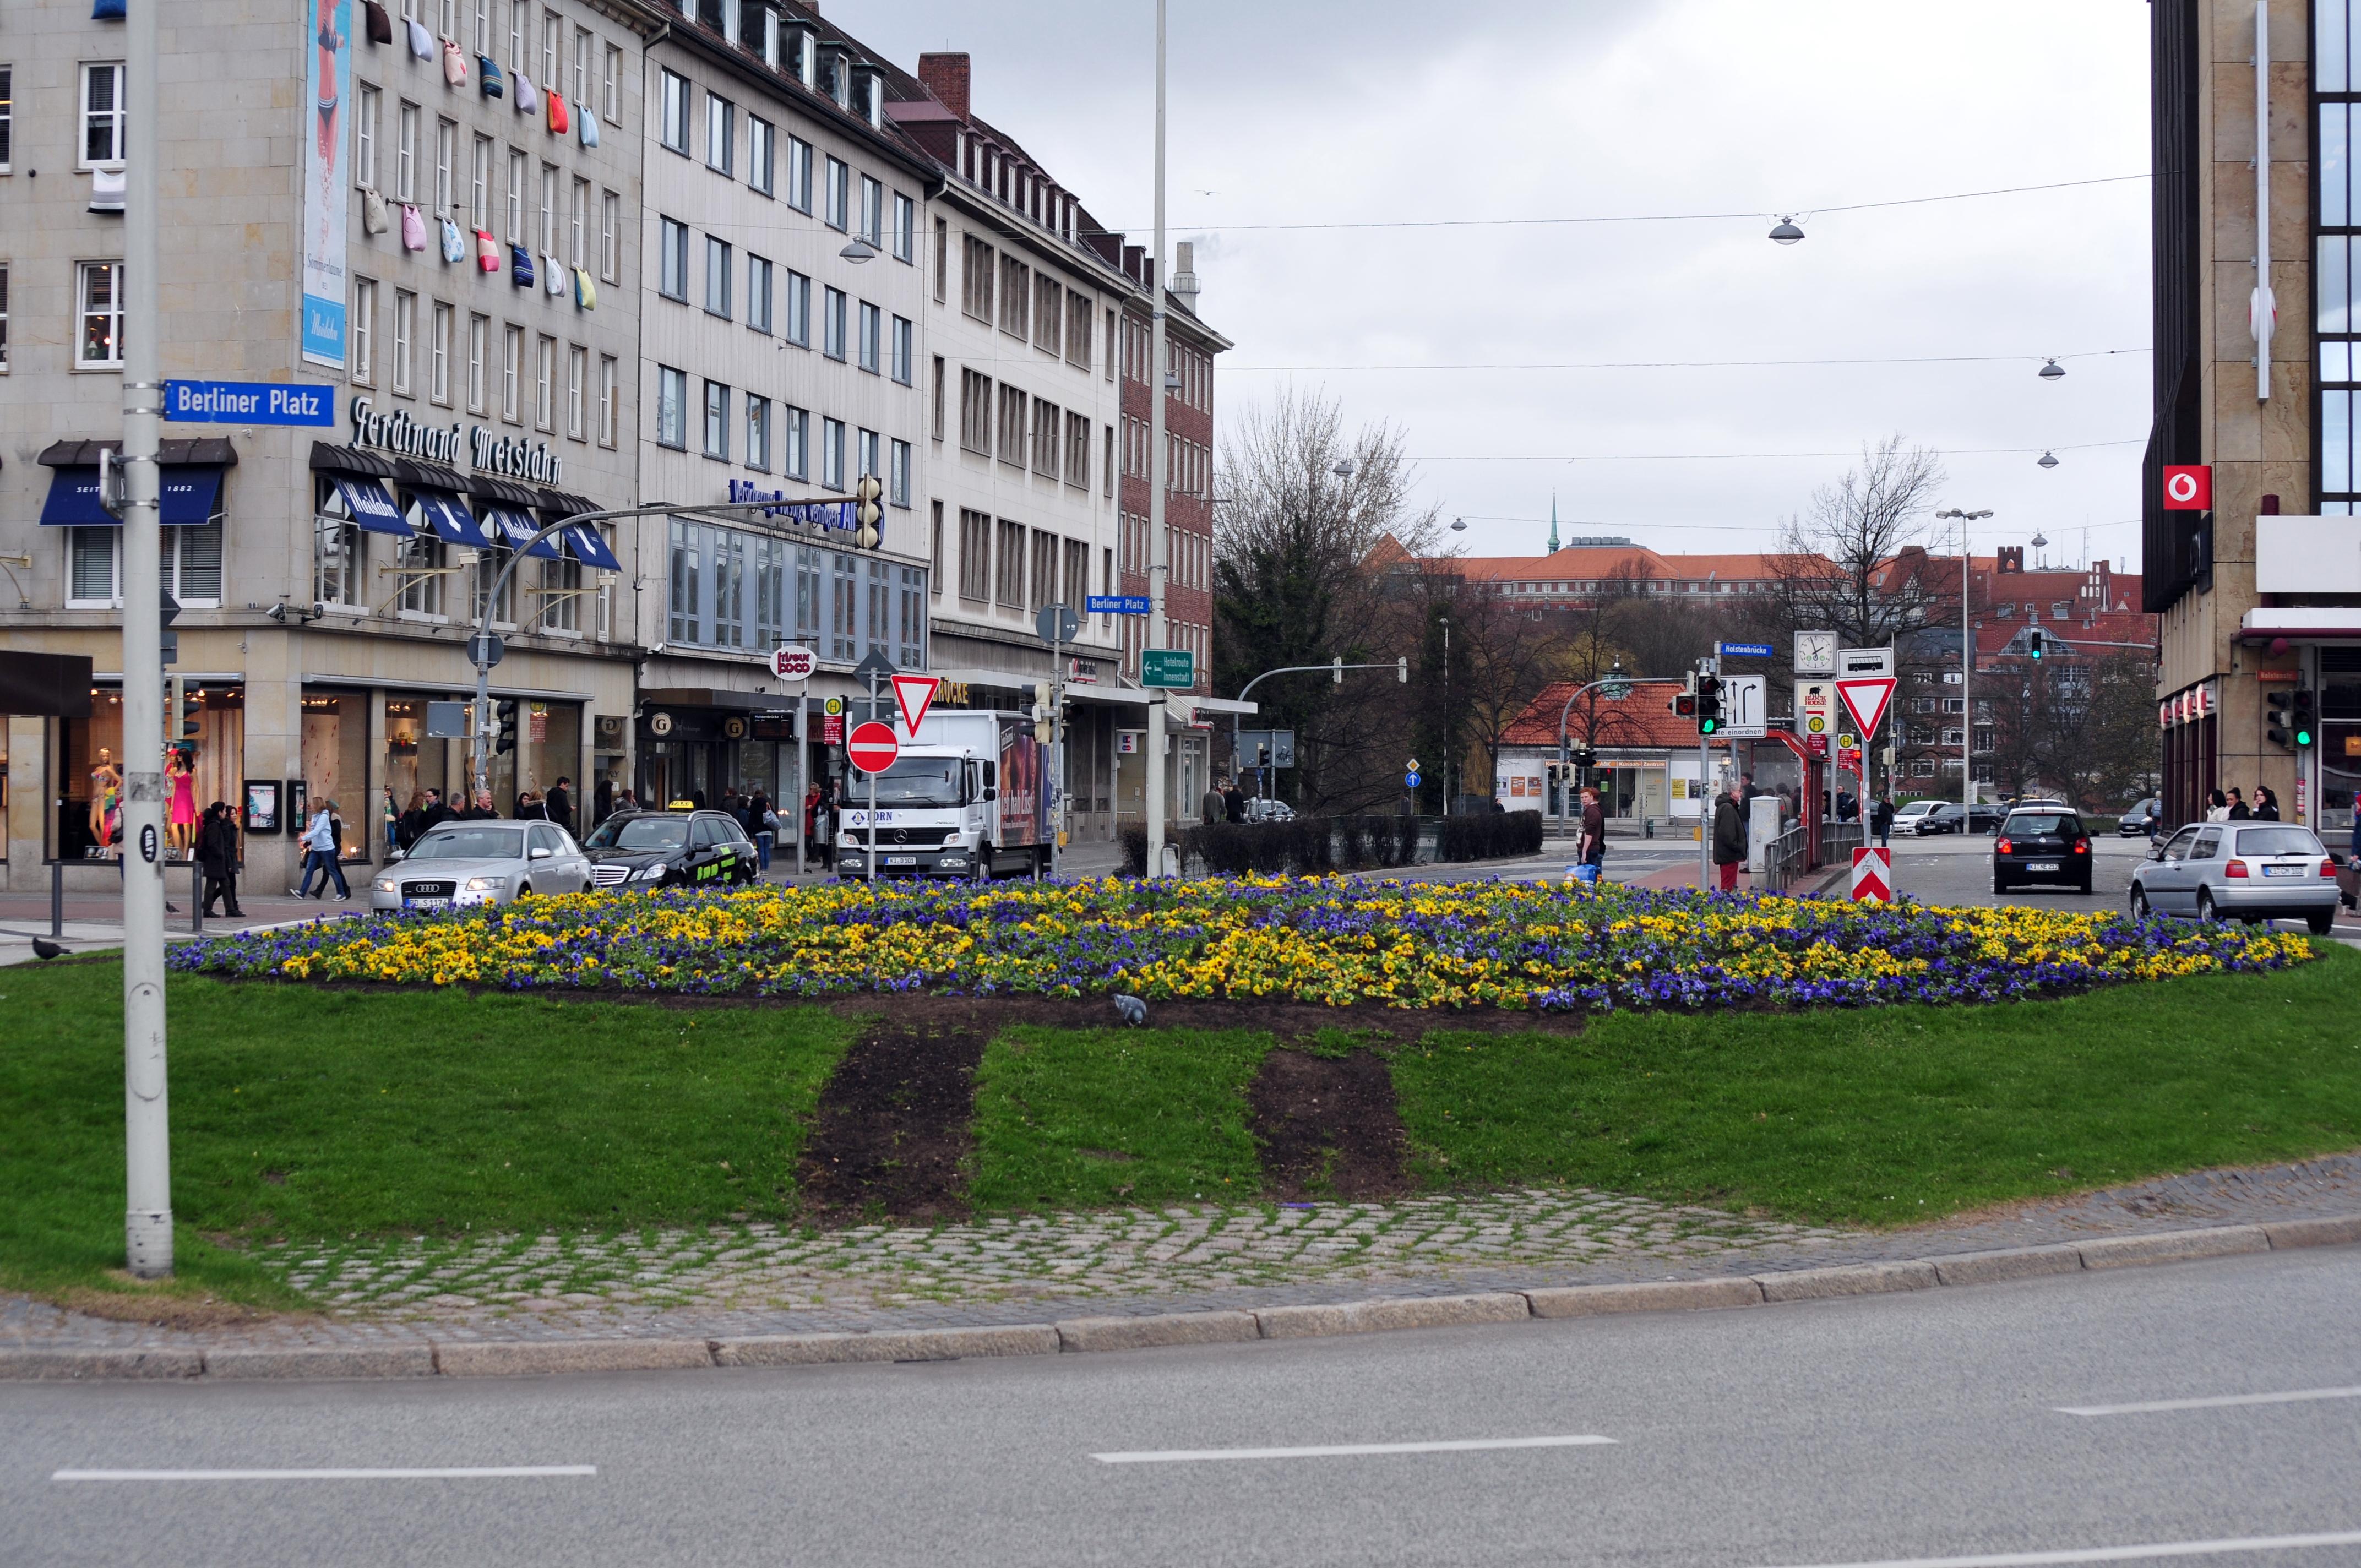 13-04-19-kiel-by-RalfR--062.jpg